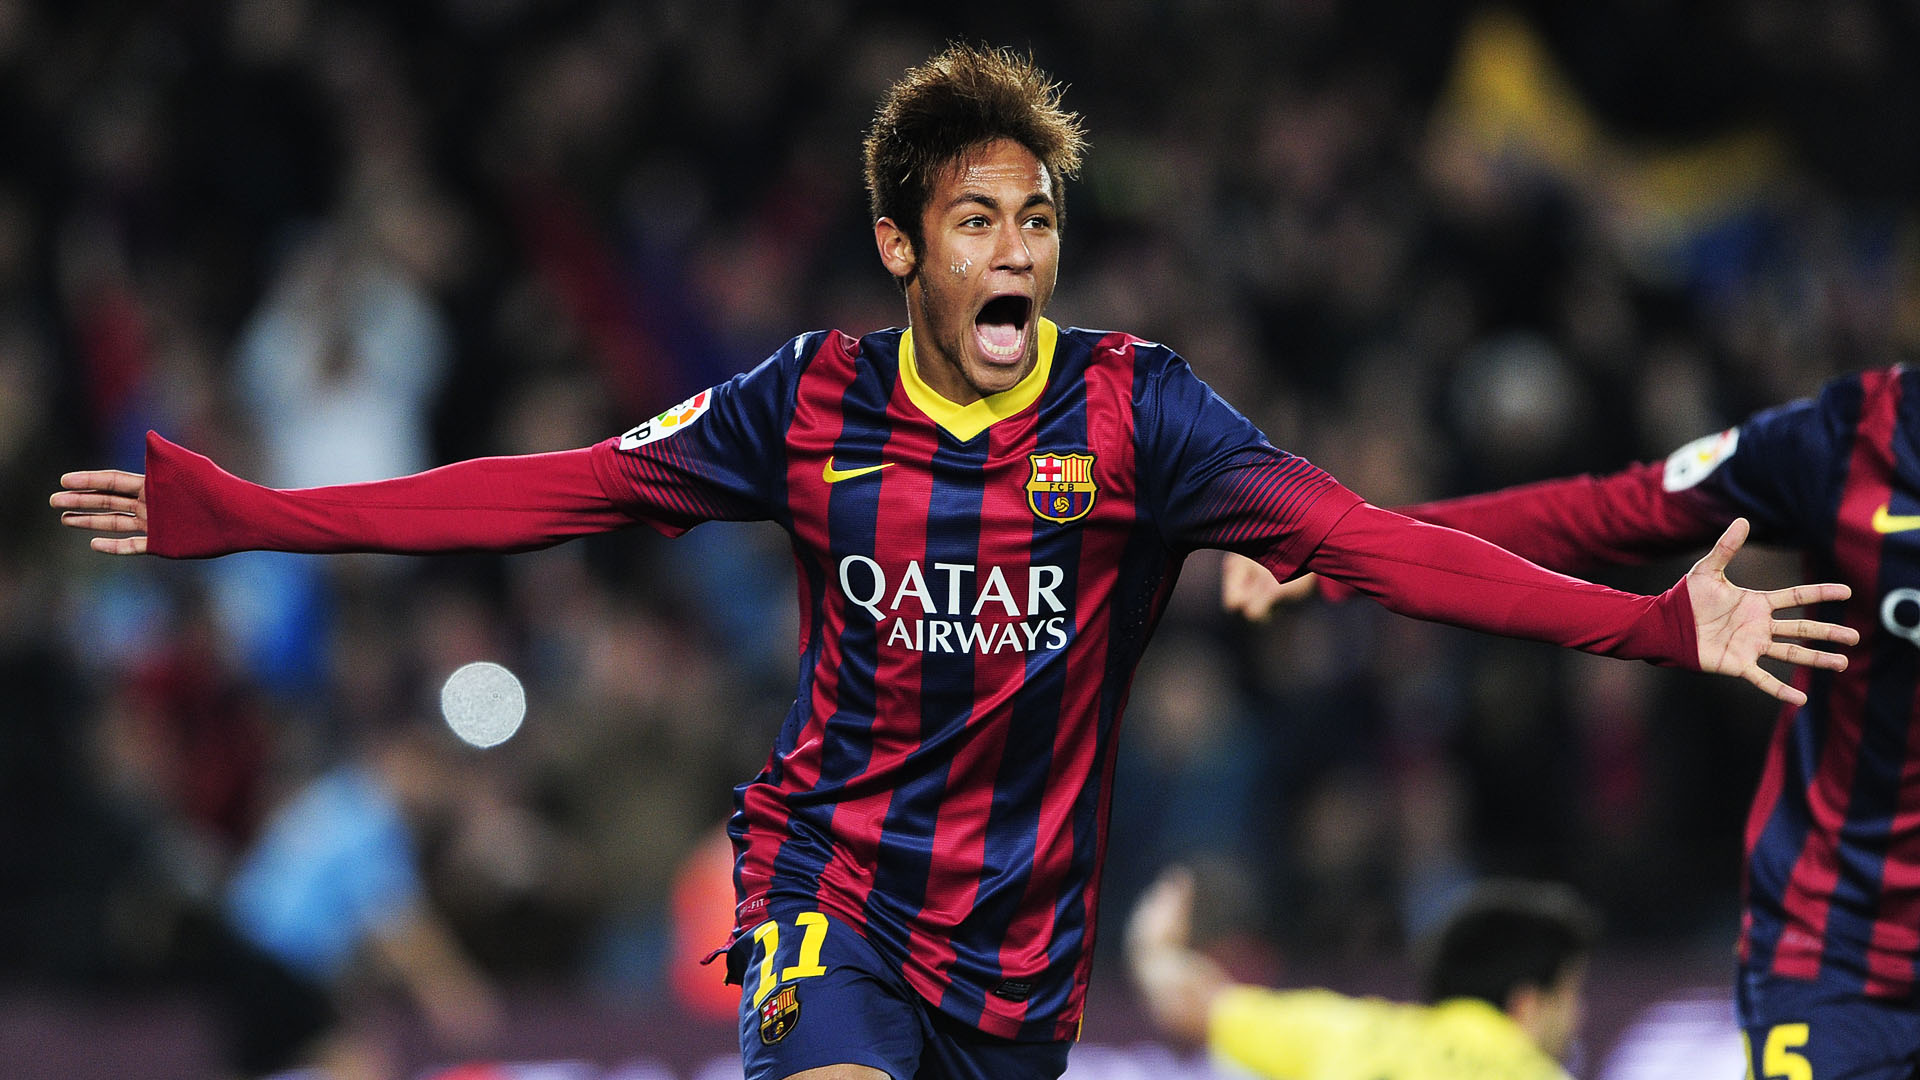 Neymar Full Hd Wallpaper Barcelona Fc Wallpaper Neymar 1920x1080 Wallpaper Teahub Io